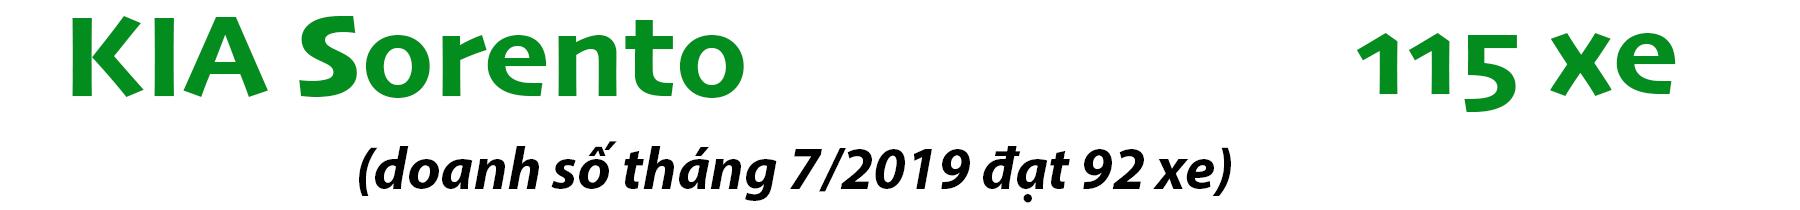 Phân khúc crossover tháng 8/2019: Xe lắp ráp trong nước thắng thế - 16